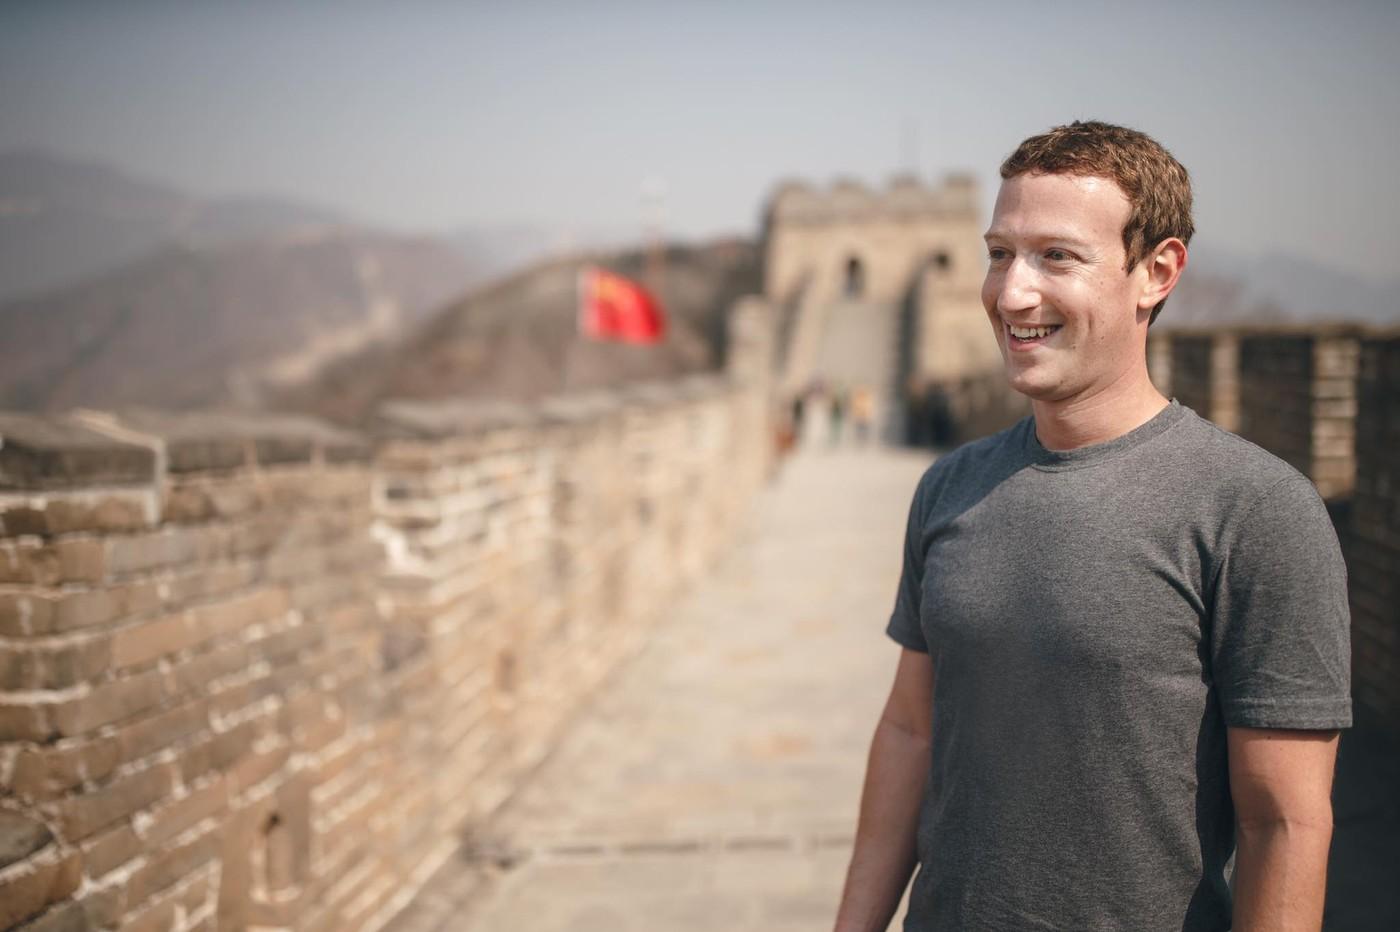 紐時:Facebook正在開發言論審查工具,為進軍中國市場做準備